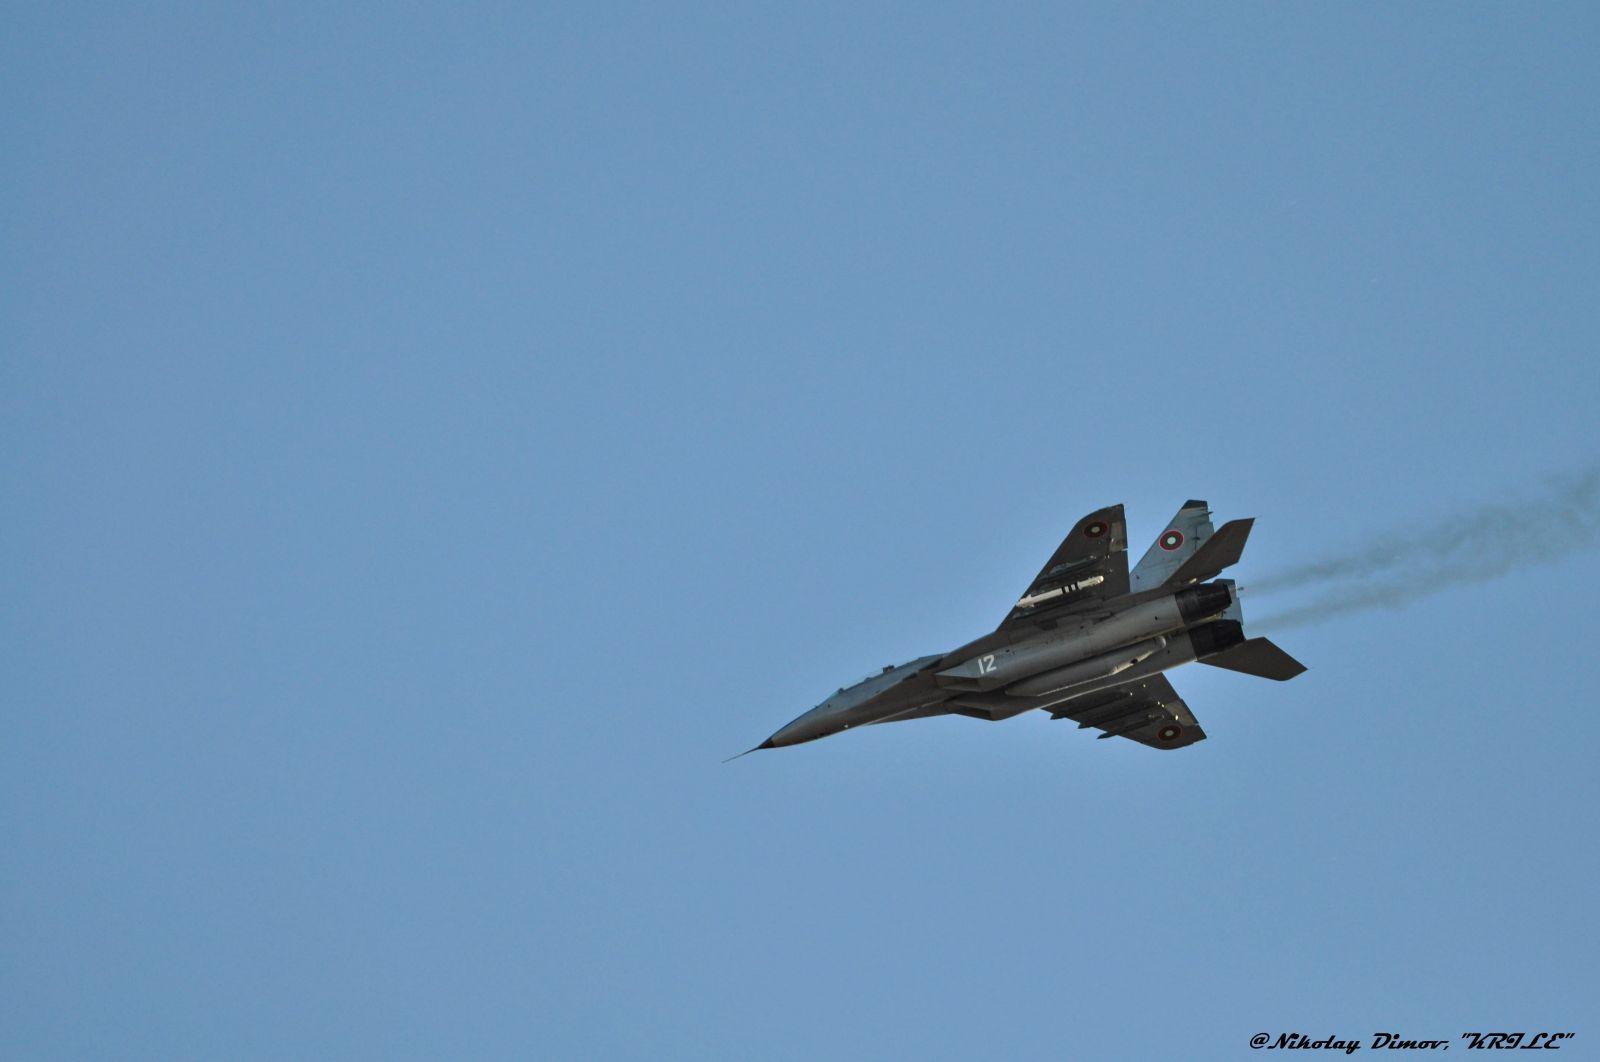 Първи кадри от атрактивните демонстрационни полети на ВВС над Пловдив (фотогалерия)